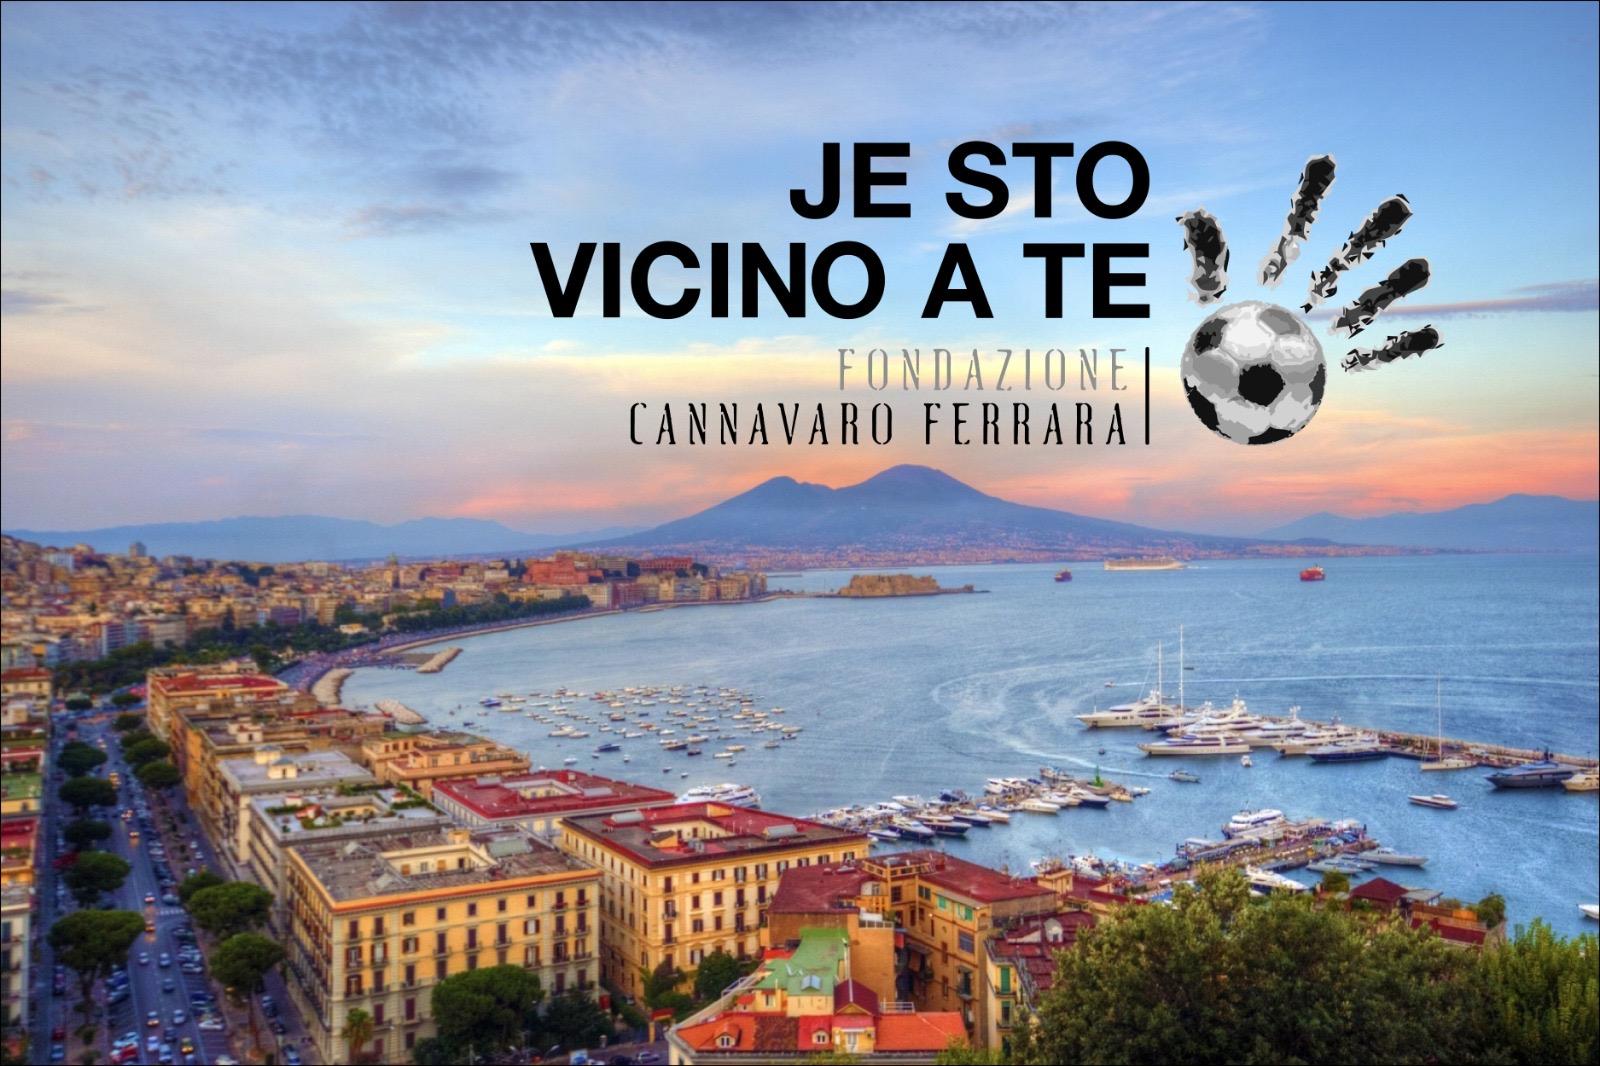 Je sto vicino a te: i campioni uniti per Napoli raccolgono quasi 90mila euro